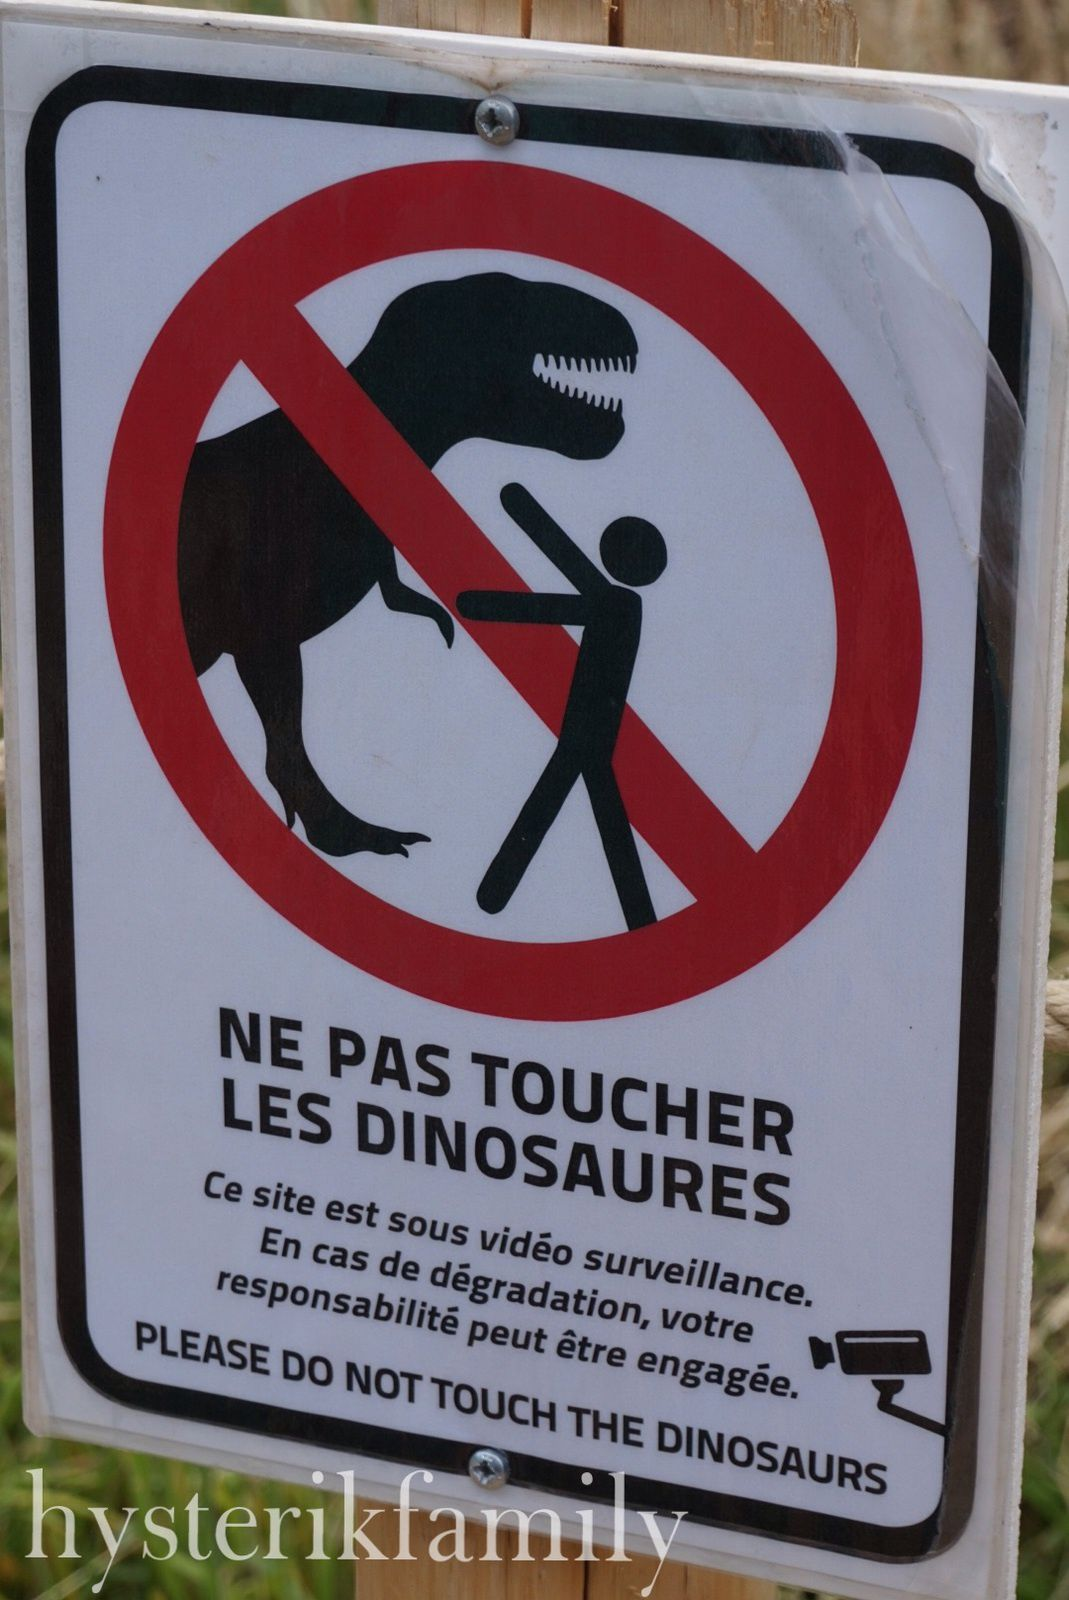 Attention, on entre dans un espace dangereux, on ne nourtit pas les dionosaures !!